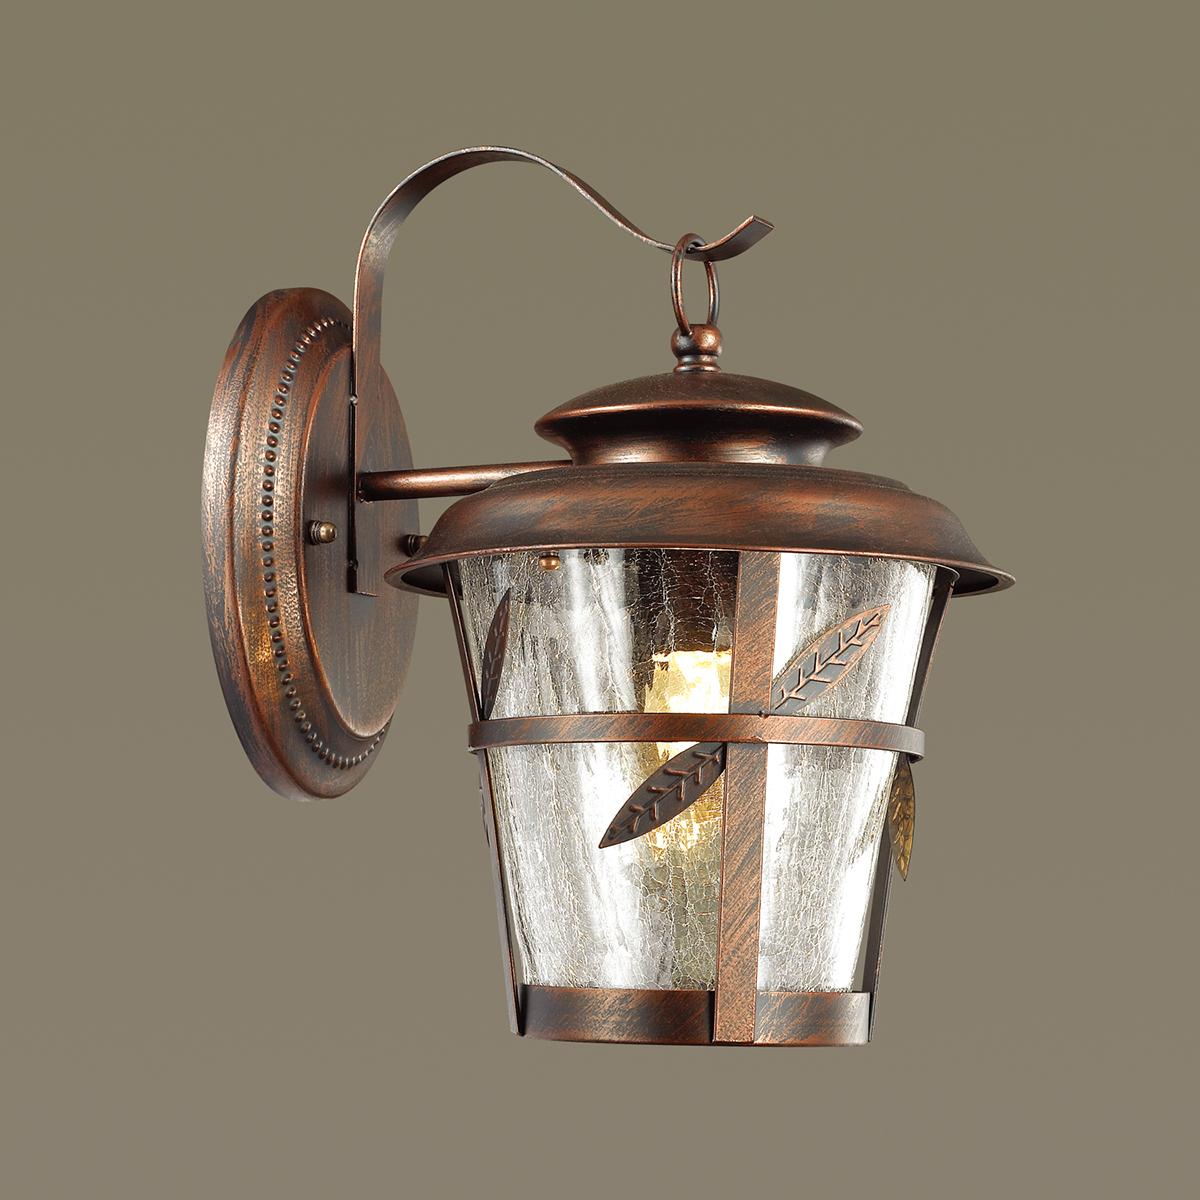 Настенный фонарь Odeon Light Aletti 4052/1W, IP44, 1xE27x60W, коричневый, прозрачный, металл, стекло - фото 1